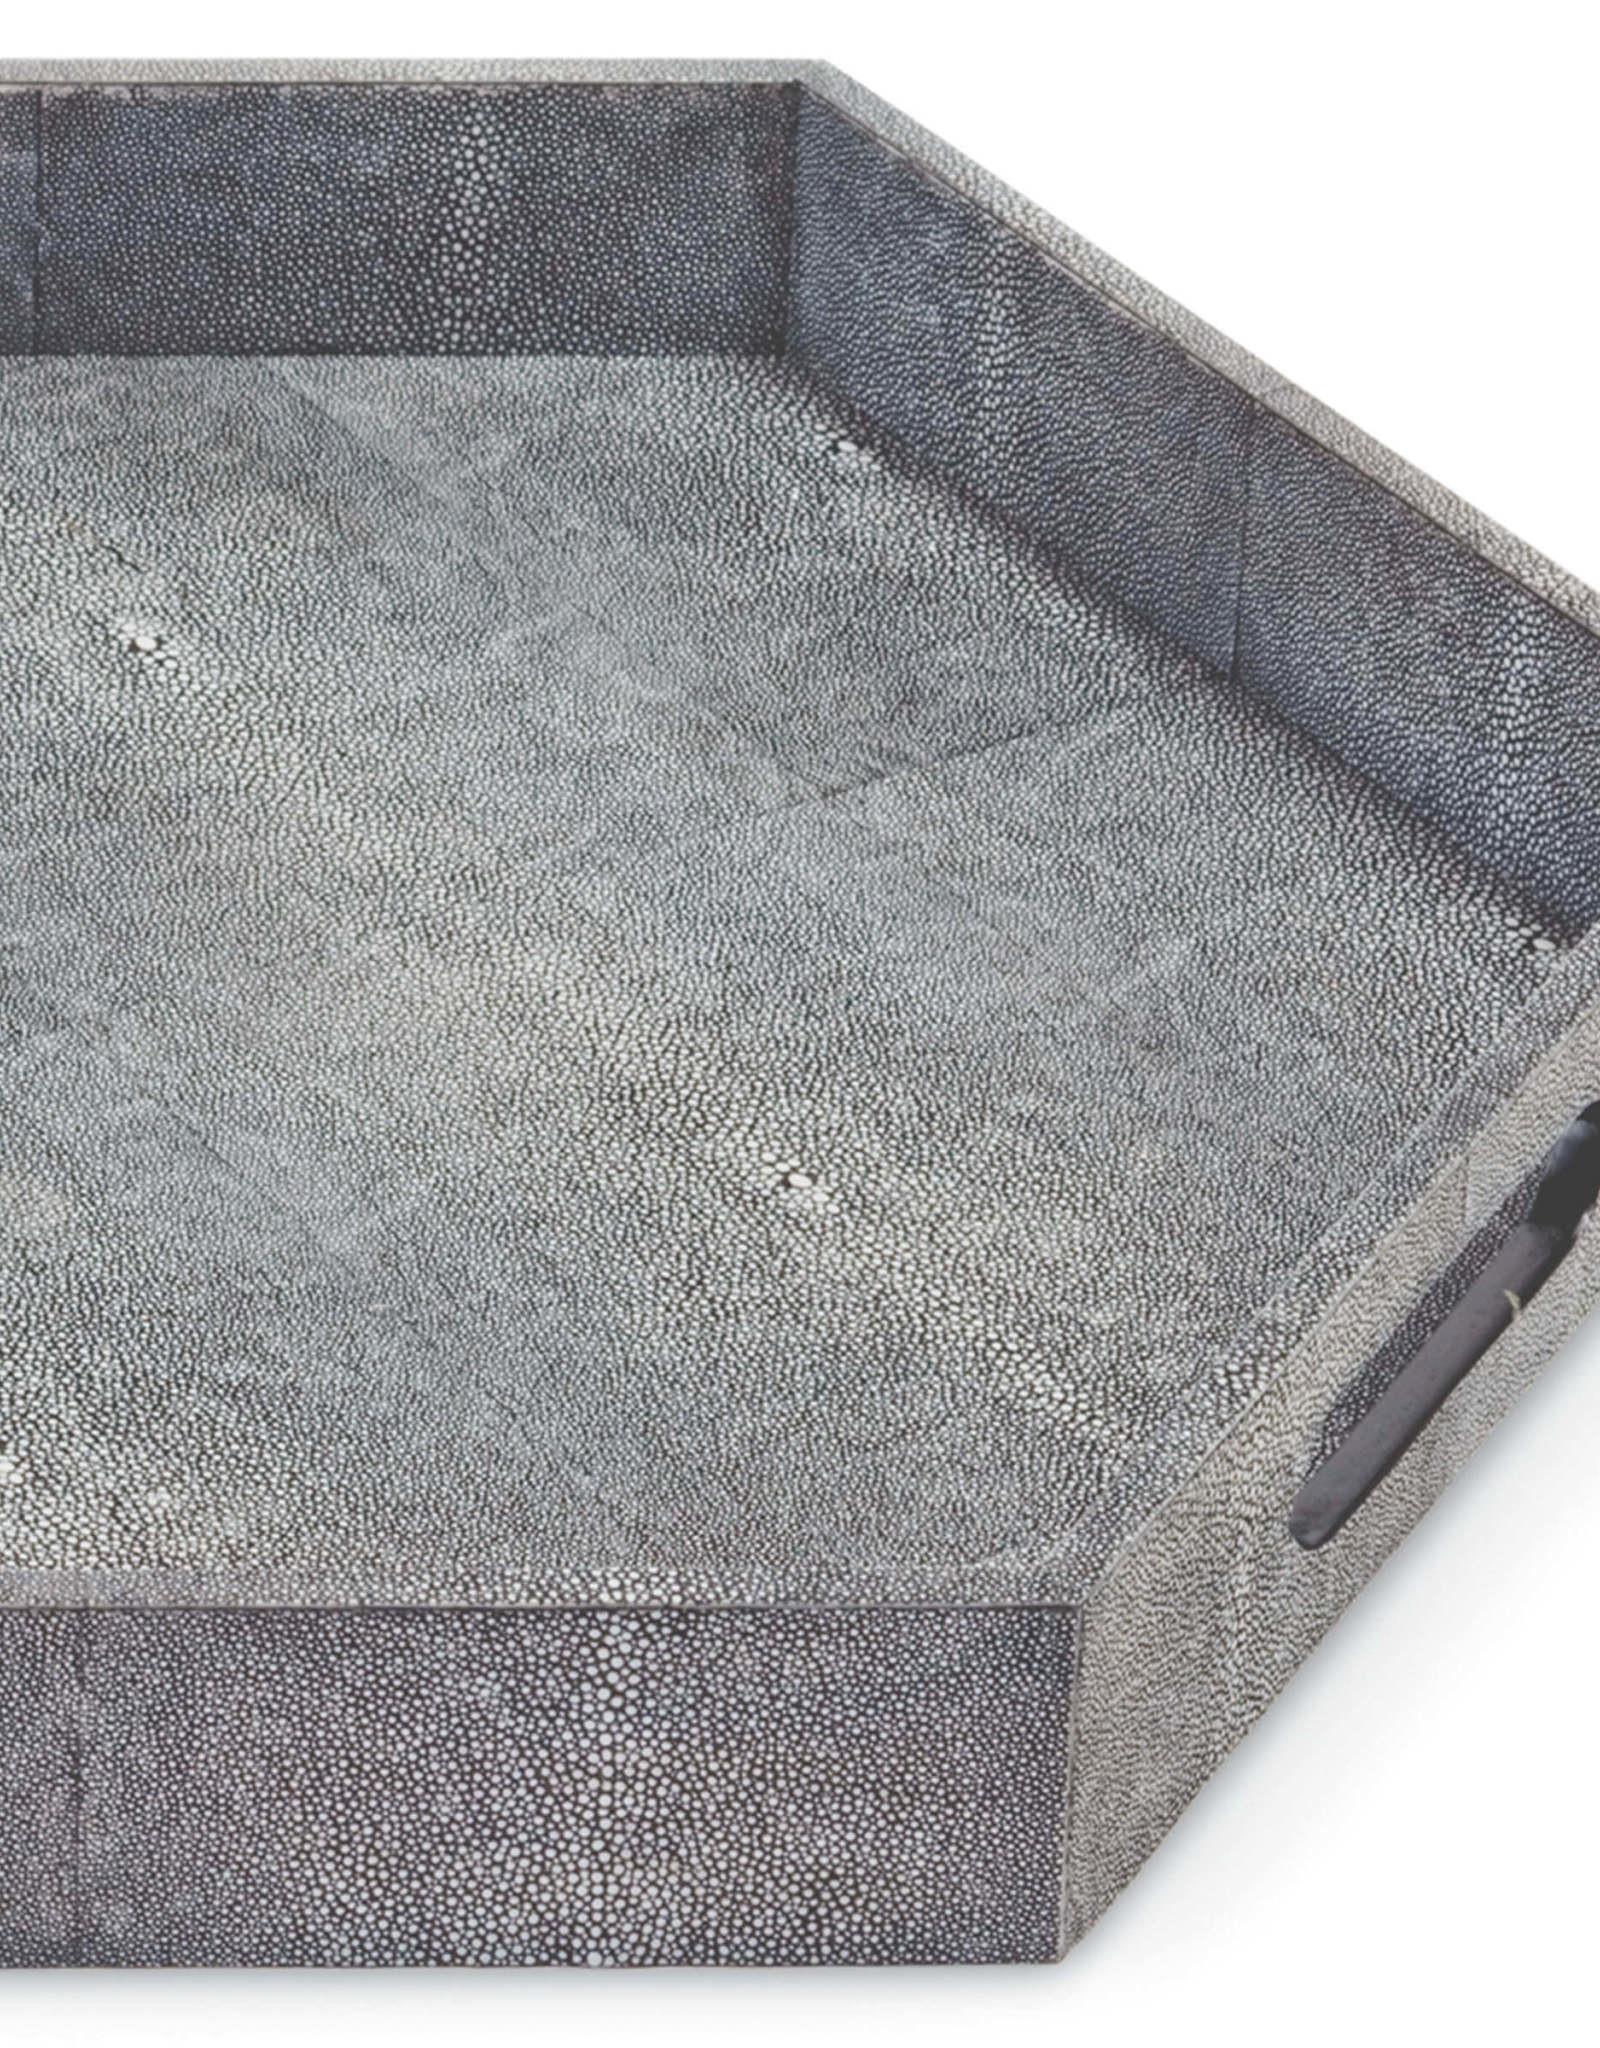 Regina Andrew Design Shagreen Hex Tray (Charcoal)